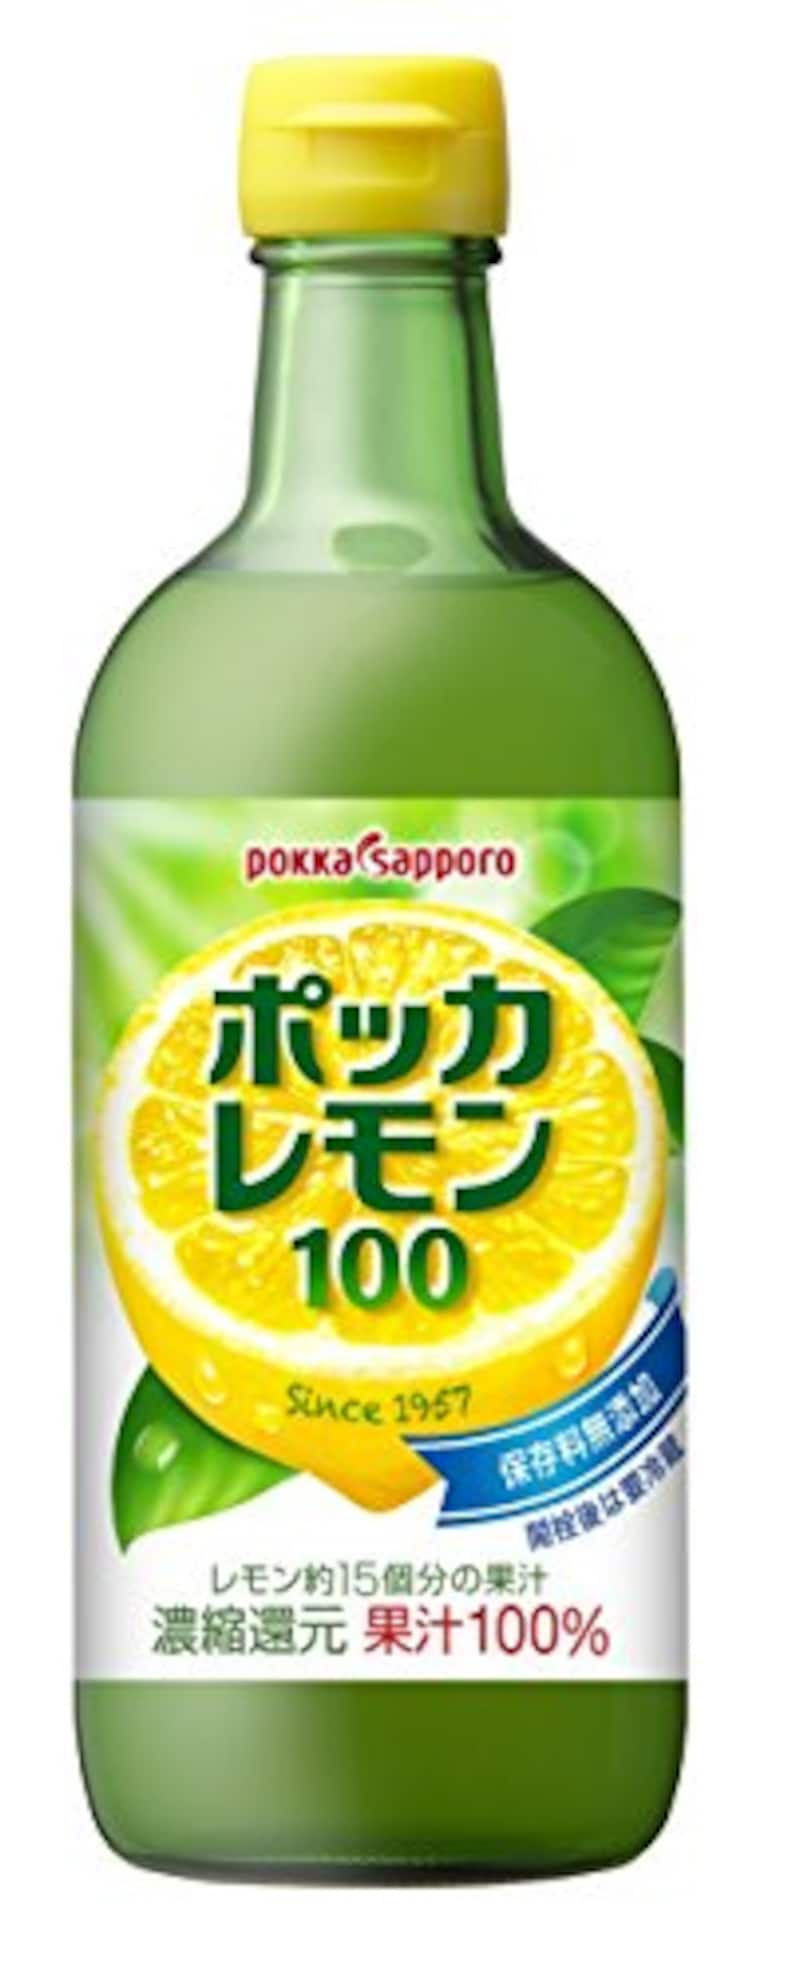 ポッカサッポロ,ポッカレモン100